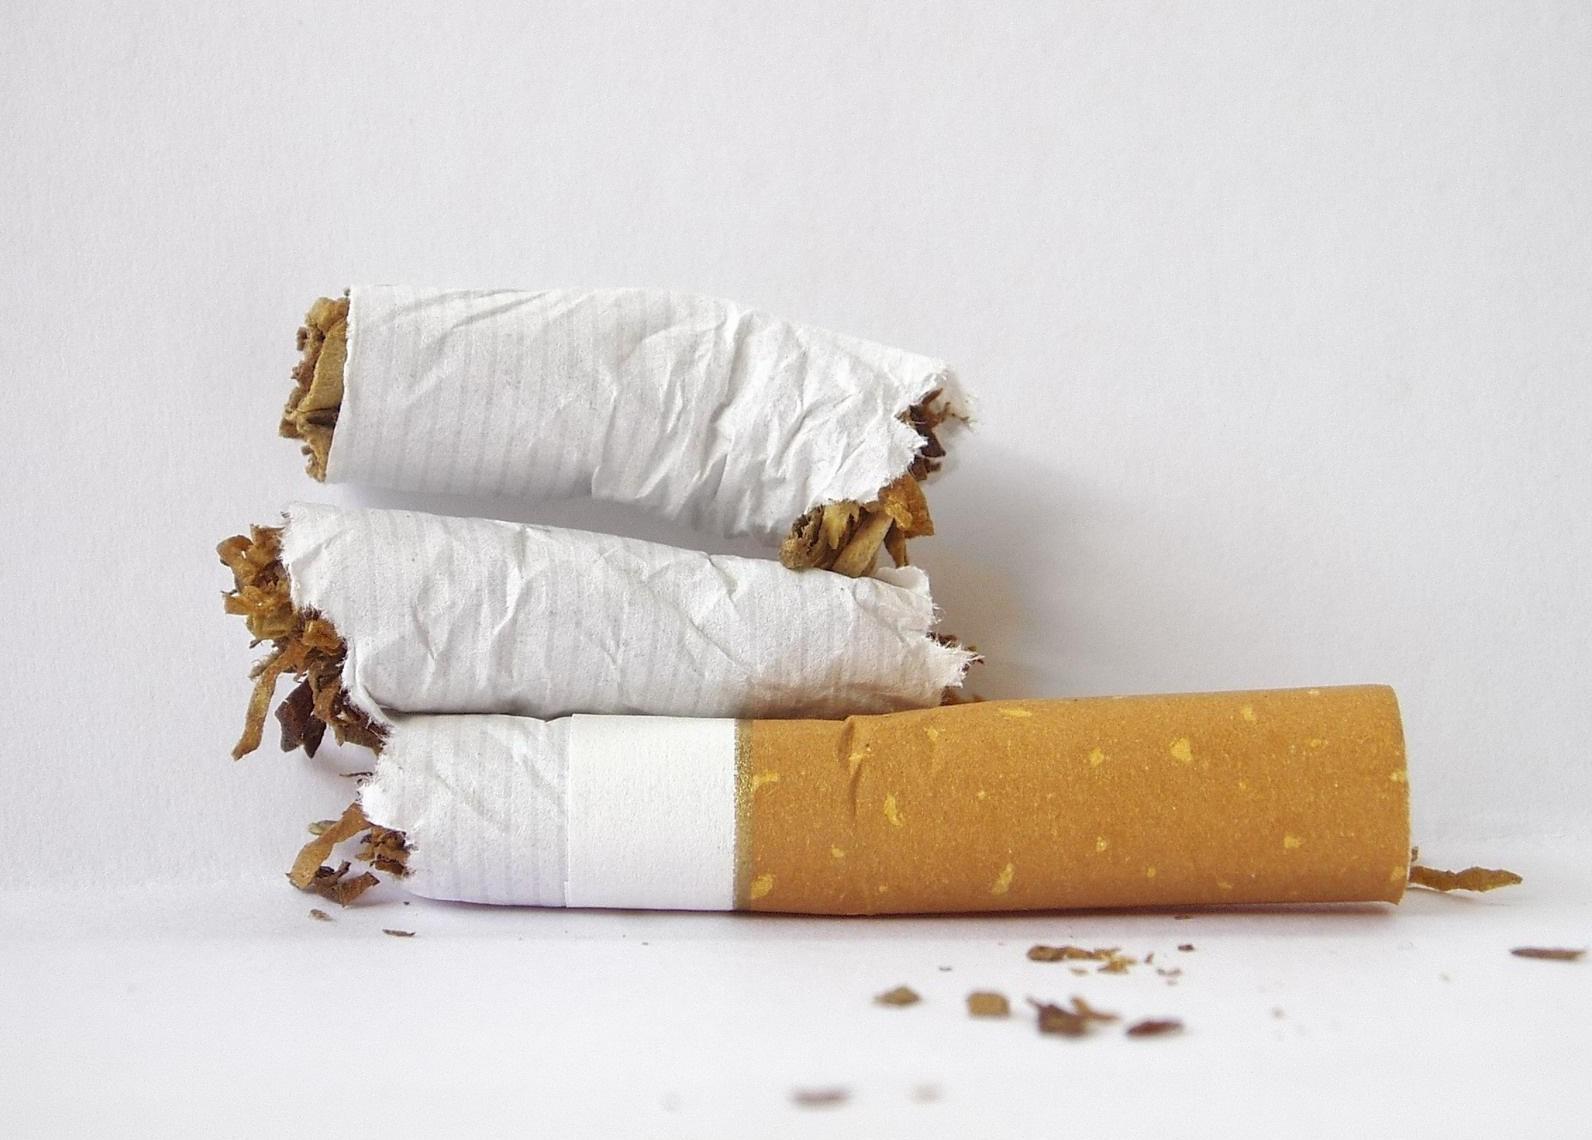 Какие изменения происходят в организме при отказе от курения